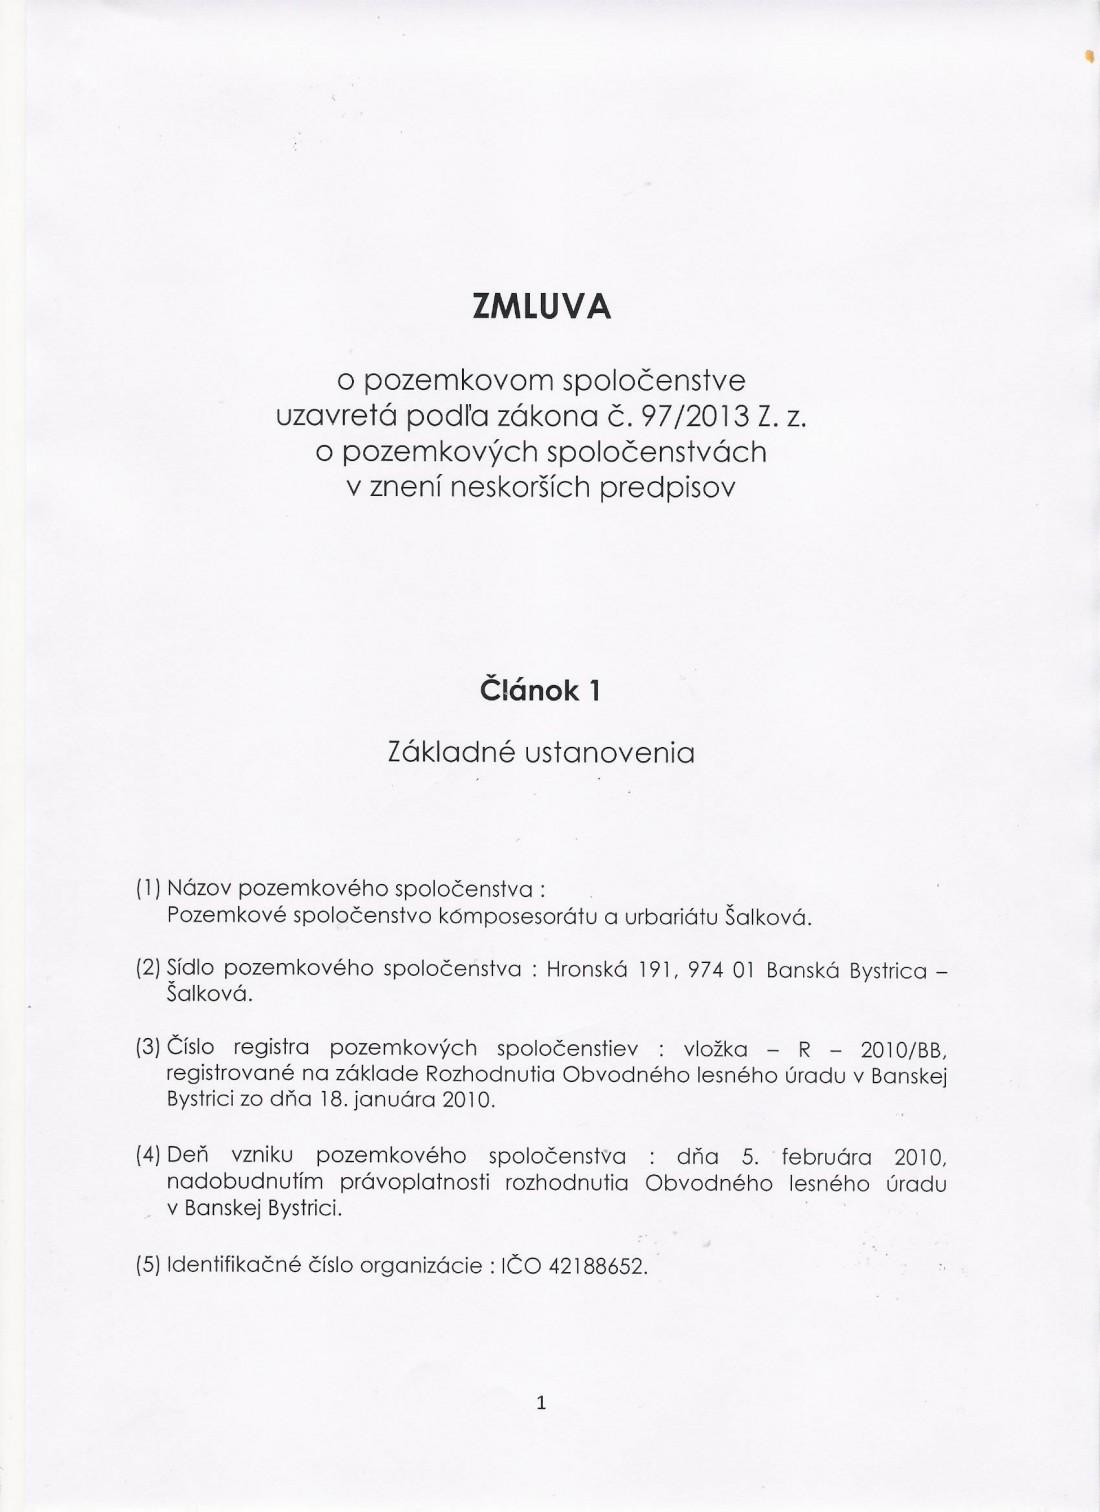 Zmluva o pozemkovom spoločenstve zo dňa 4.5.2019 - strana č. 1.doc